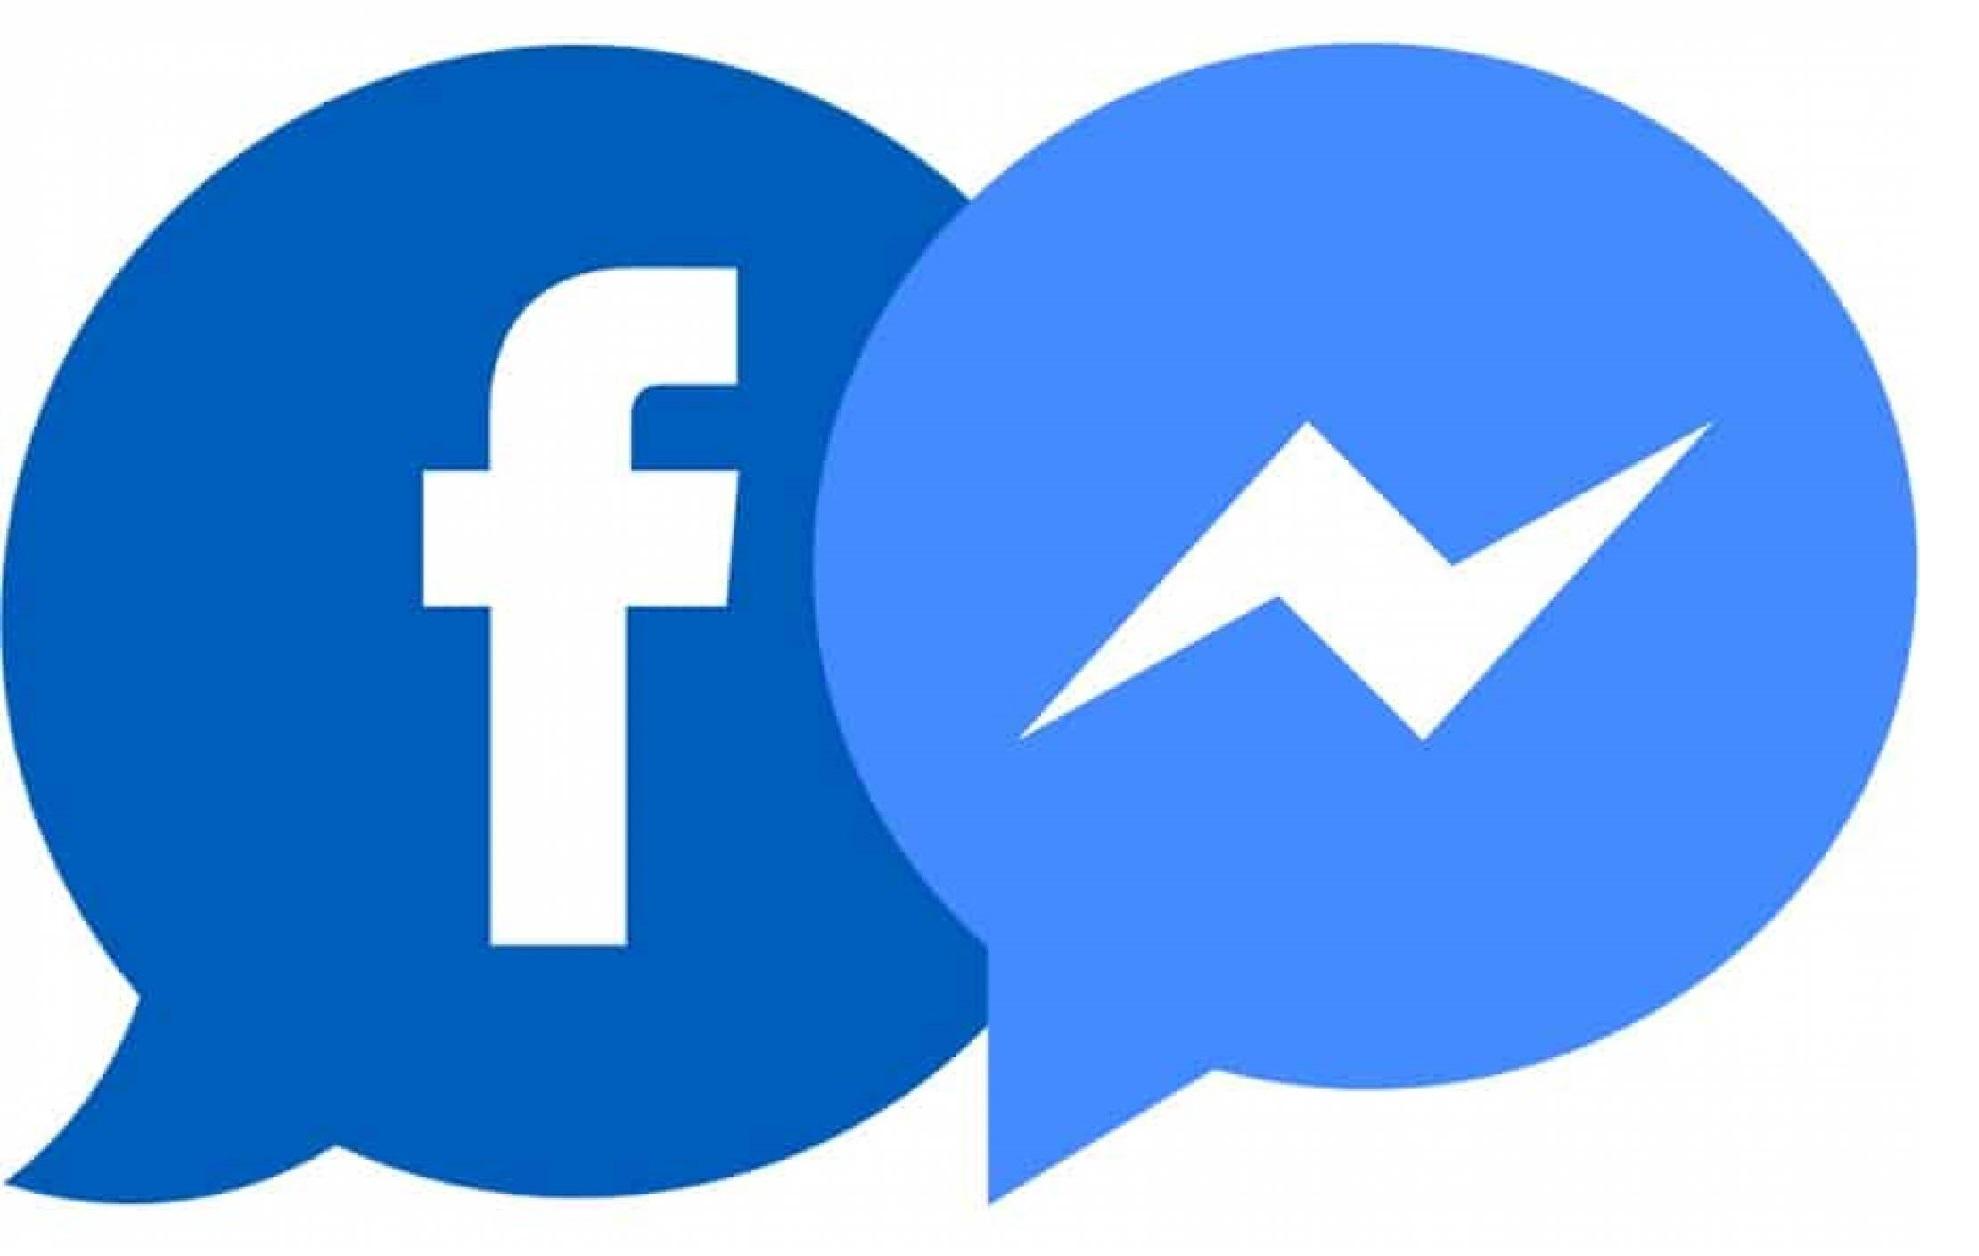 רכז קשרי הסטודנטים, ישמח לענות לשאלות כלליות לסטודנטים ומועמדים, בעמוד הפייסבוק של הפקולטה